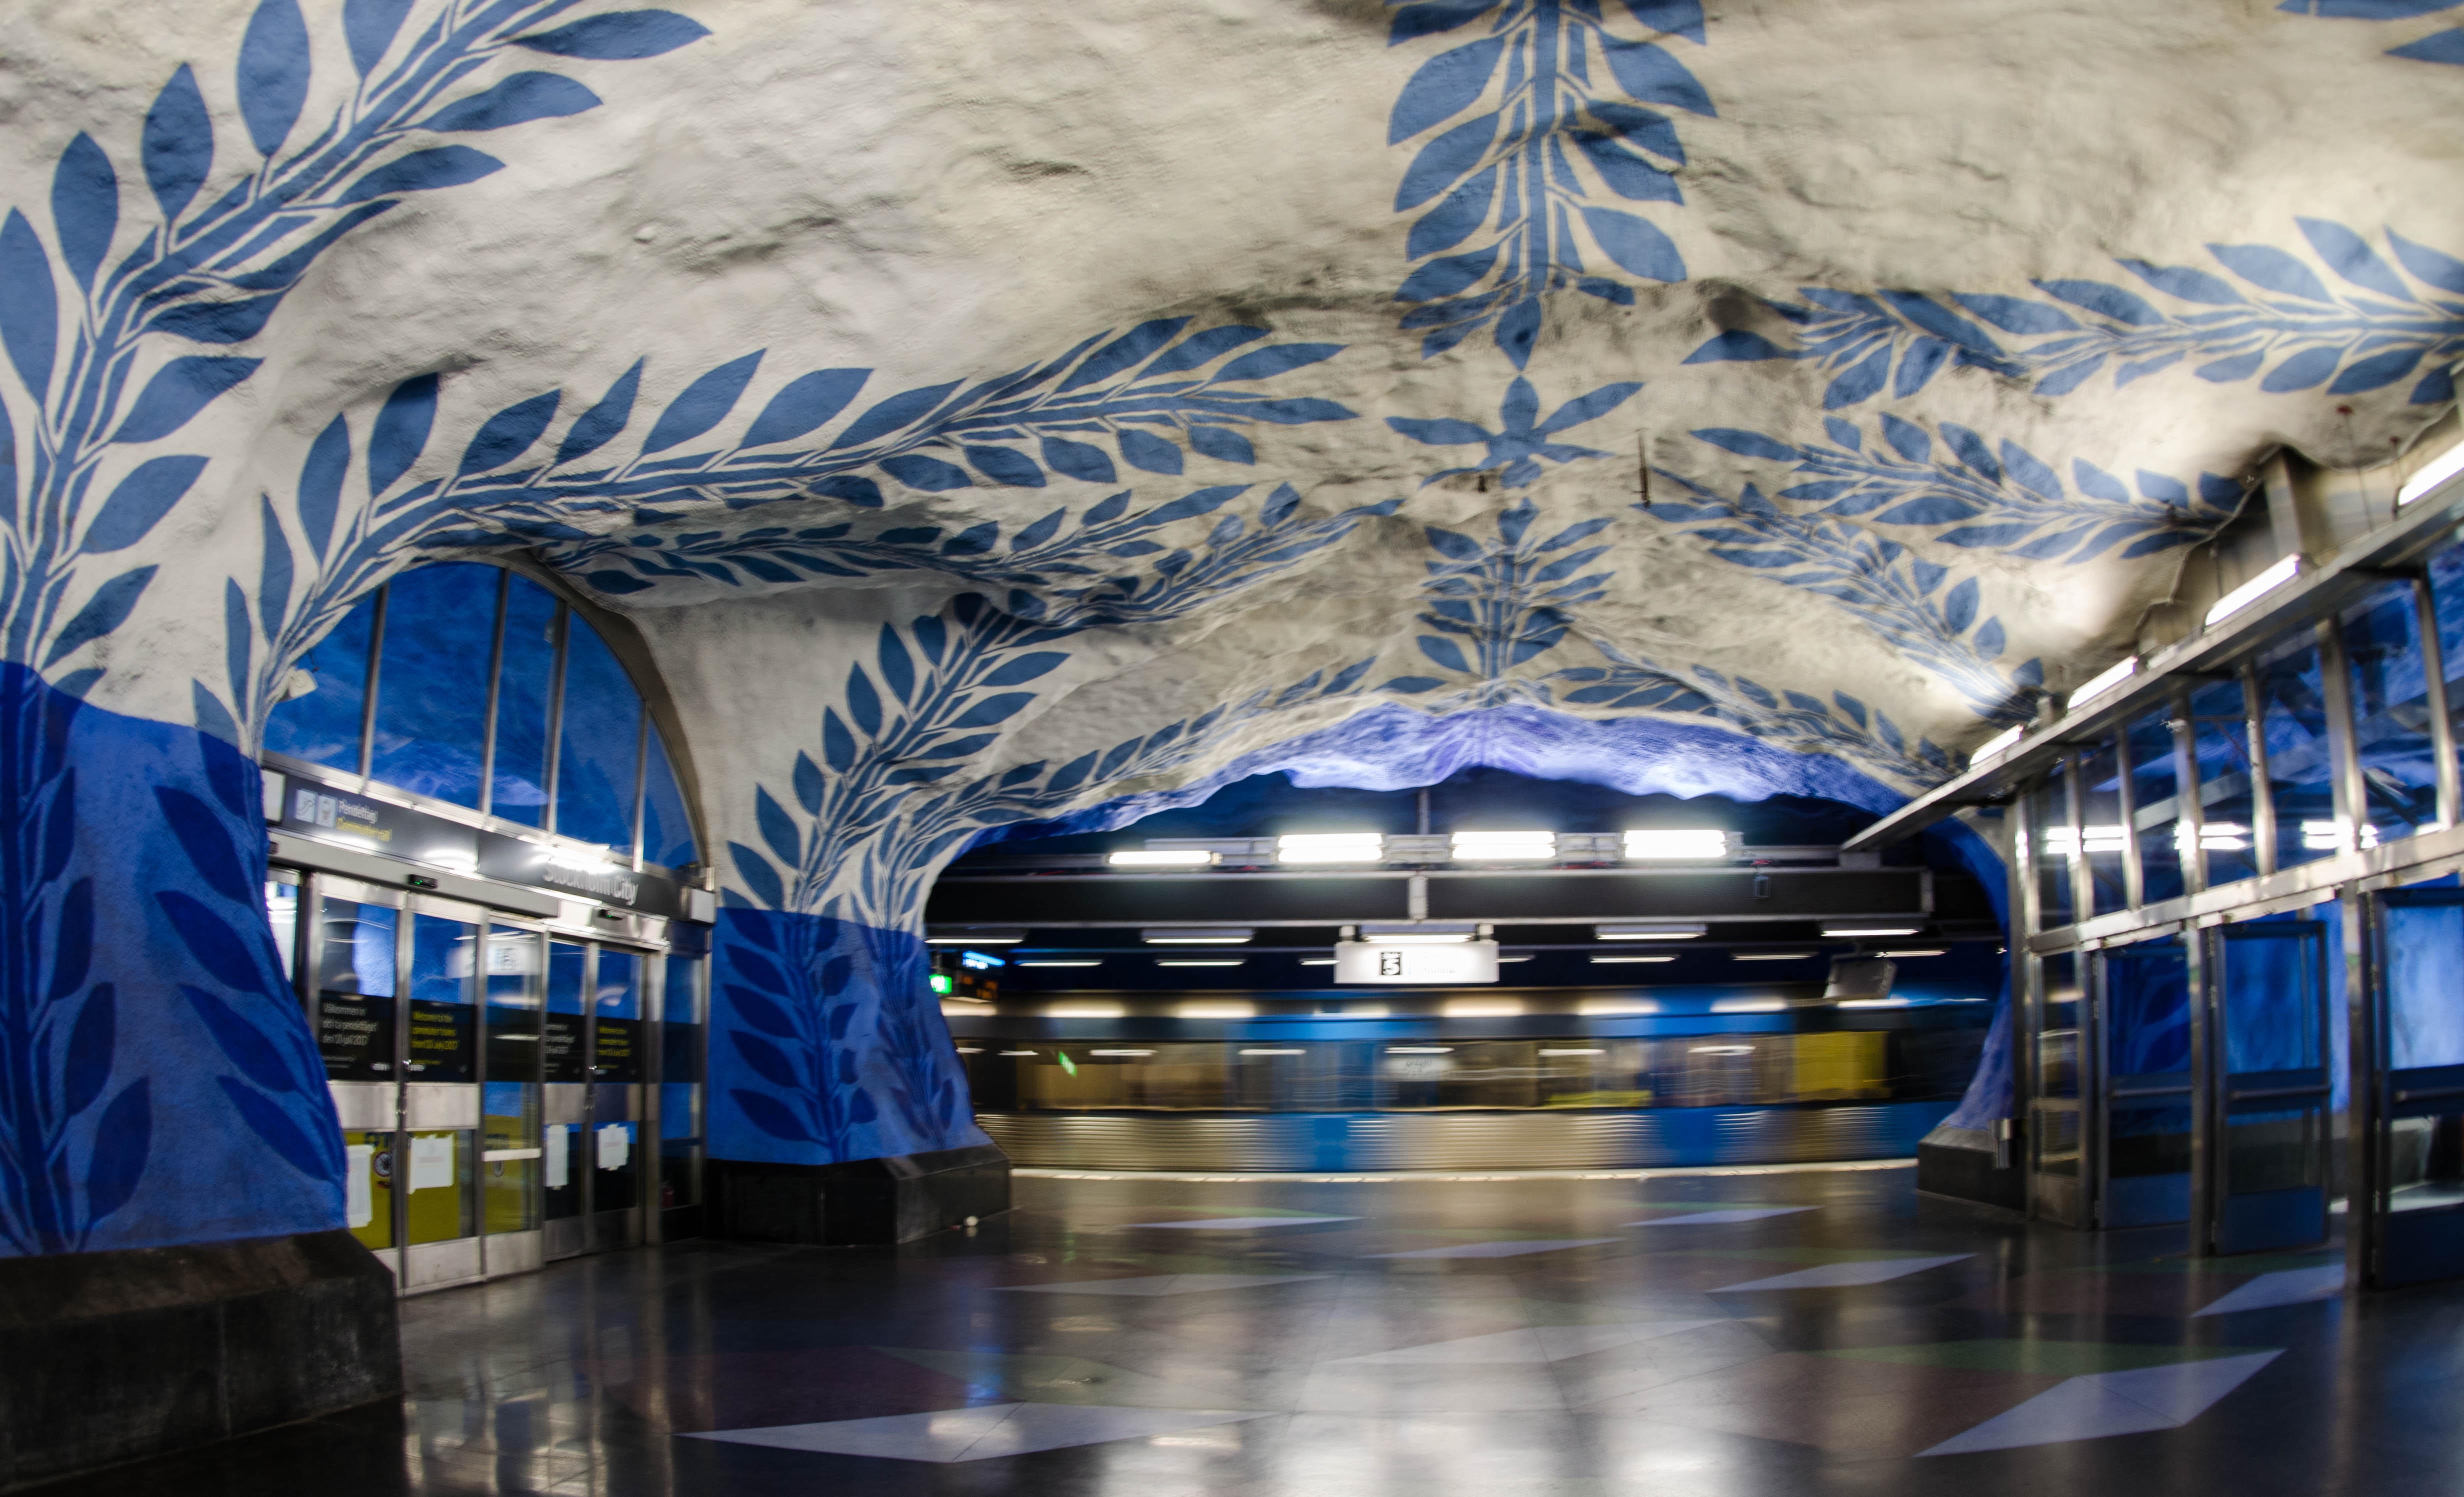 Stația T-Centralen